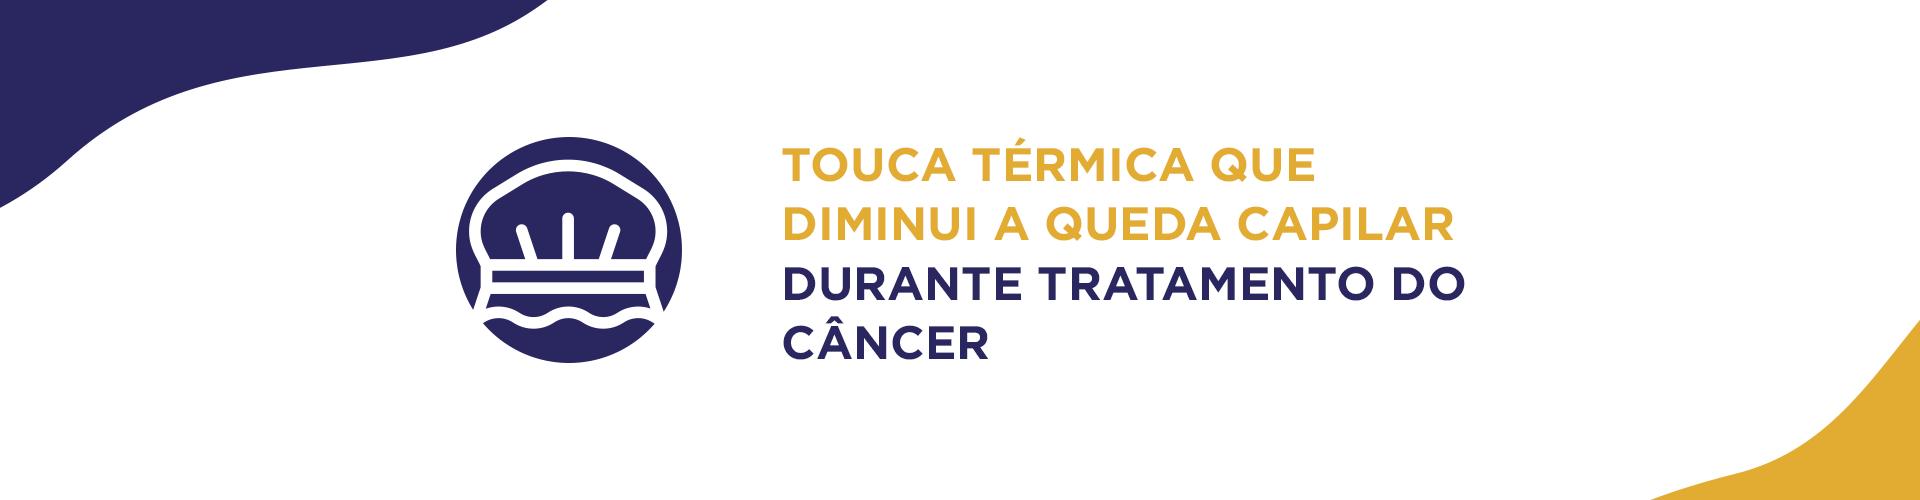 Touca hipotérmica diminui queda capilar durante tratamento do câncer